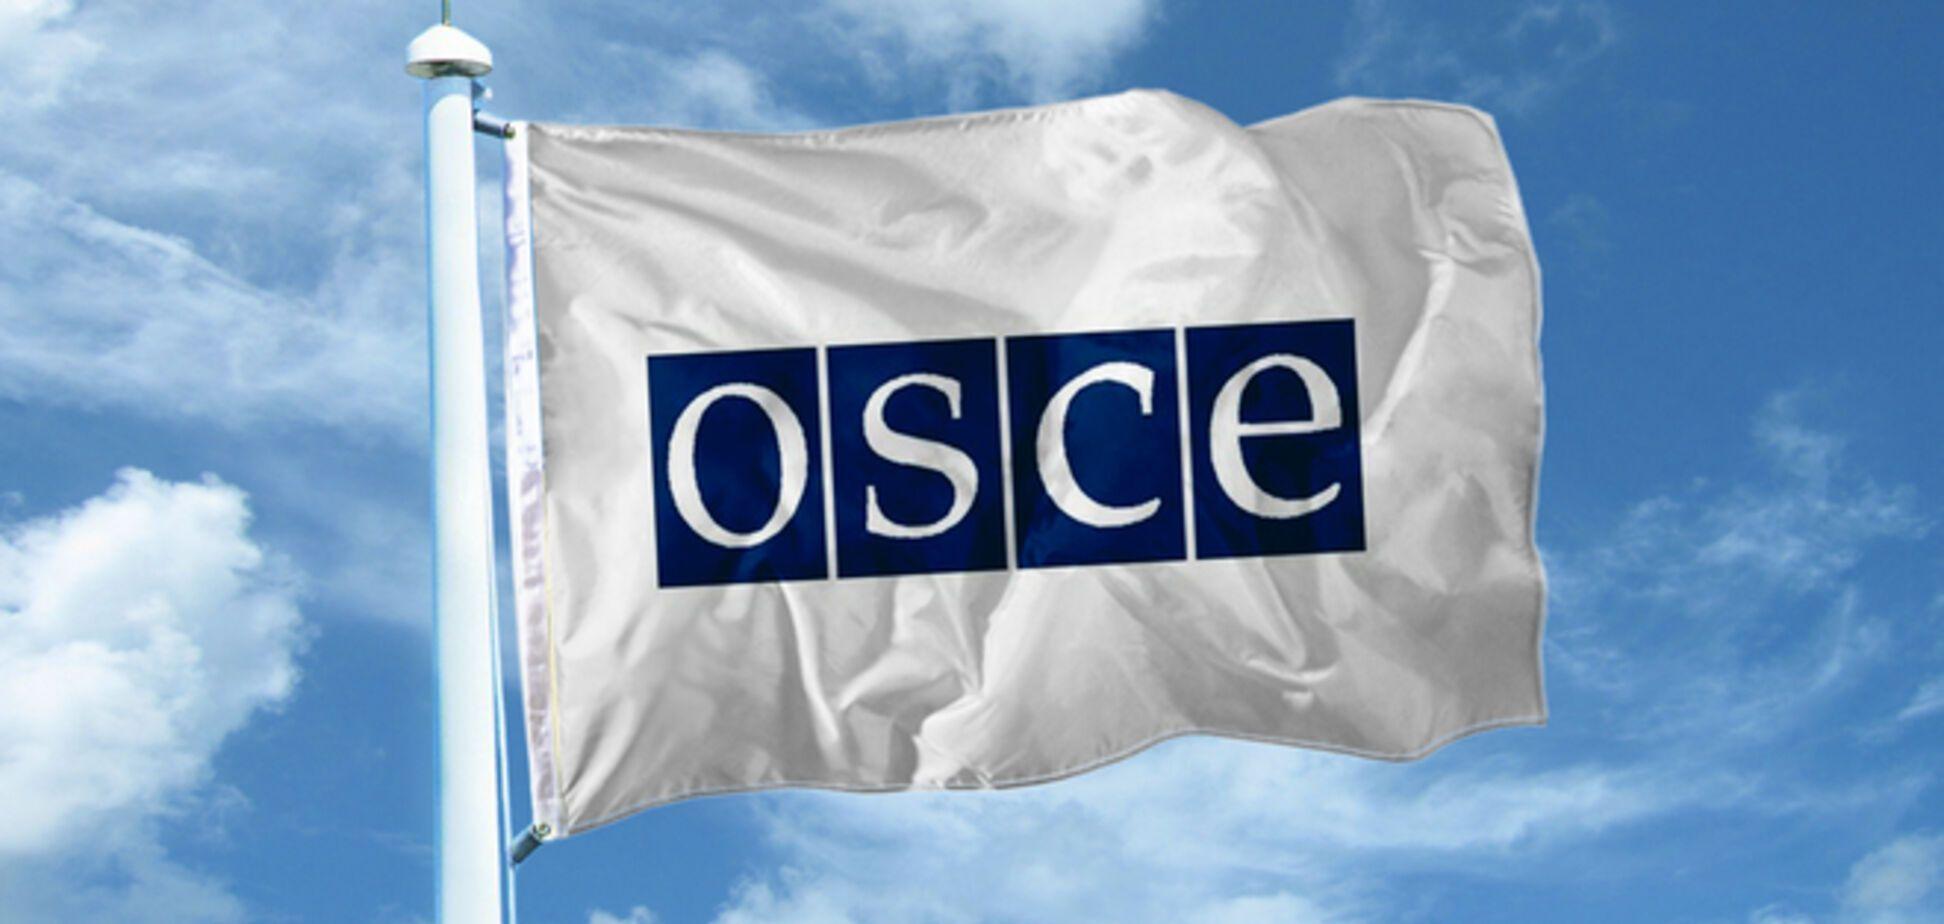 ОБСЕ зафиксировала передвижение транспорта без опознавательных знаков на оккупированной части Донбасса